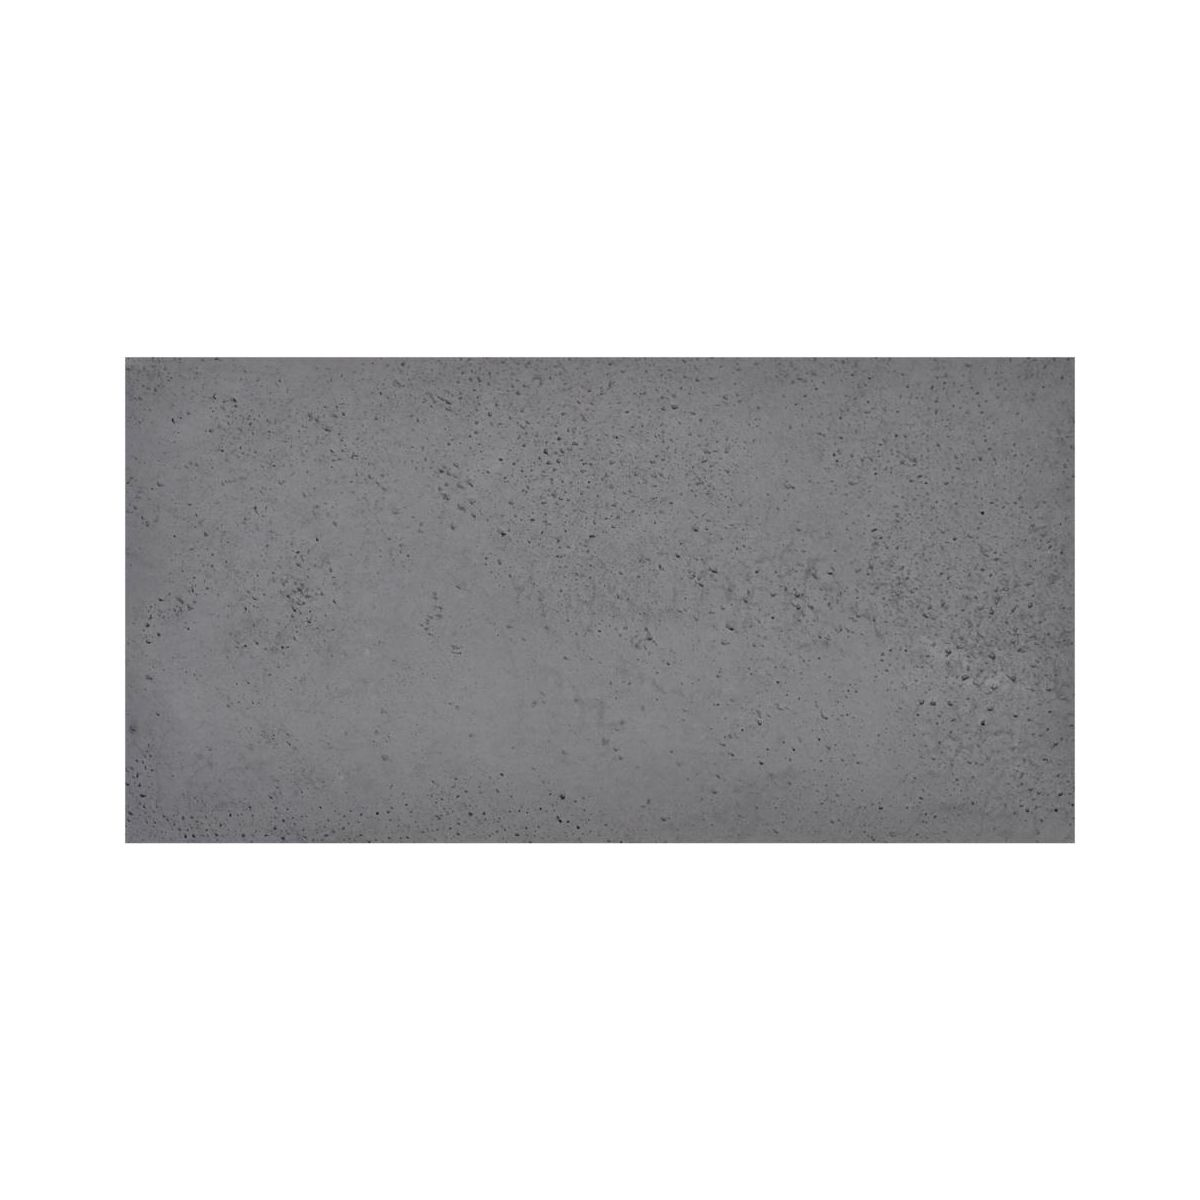 Beton Architektoniczny Szary 30 X 60 Cm 5 Szt Steinblau Kamien Elewacyjny I Dekoracyjny W Atrakcyjnej Cenie W Sklepach Leroy Merlin